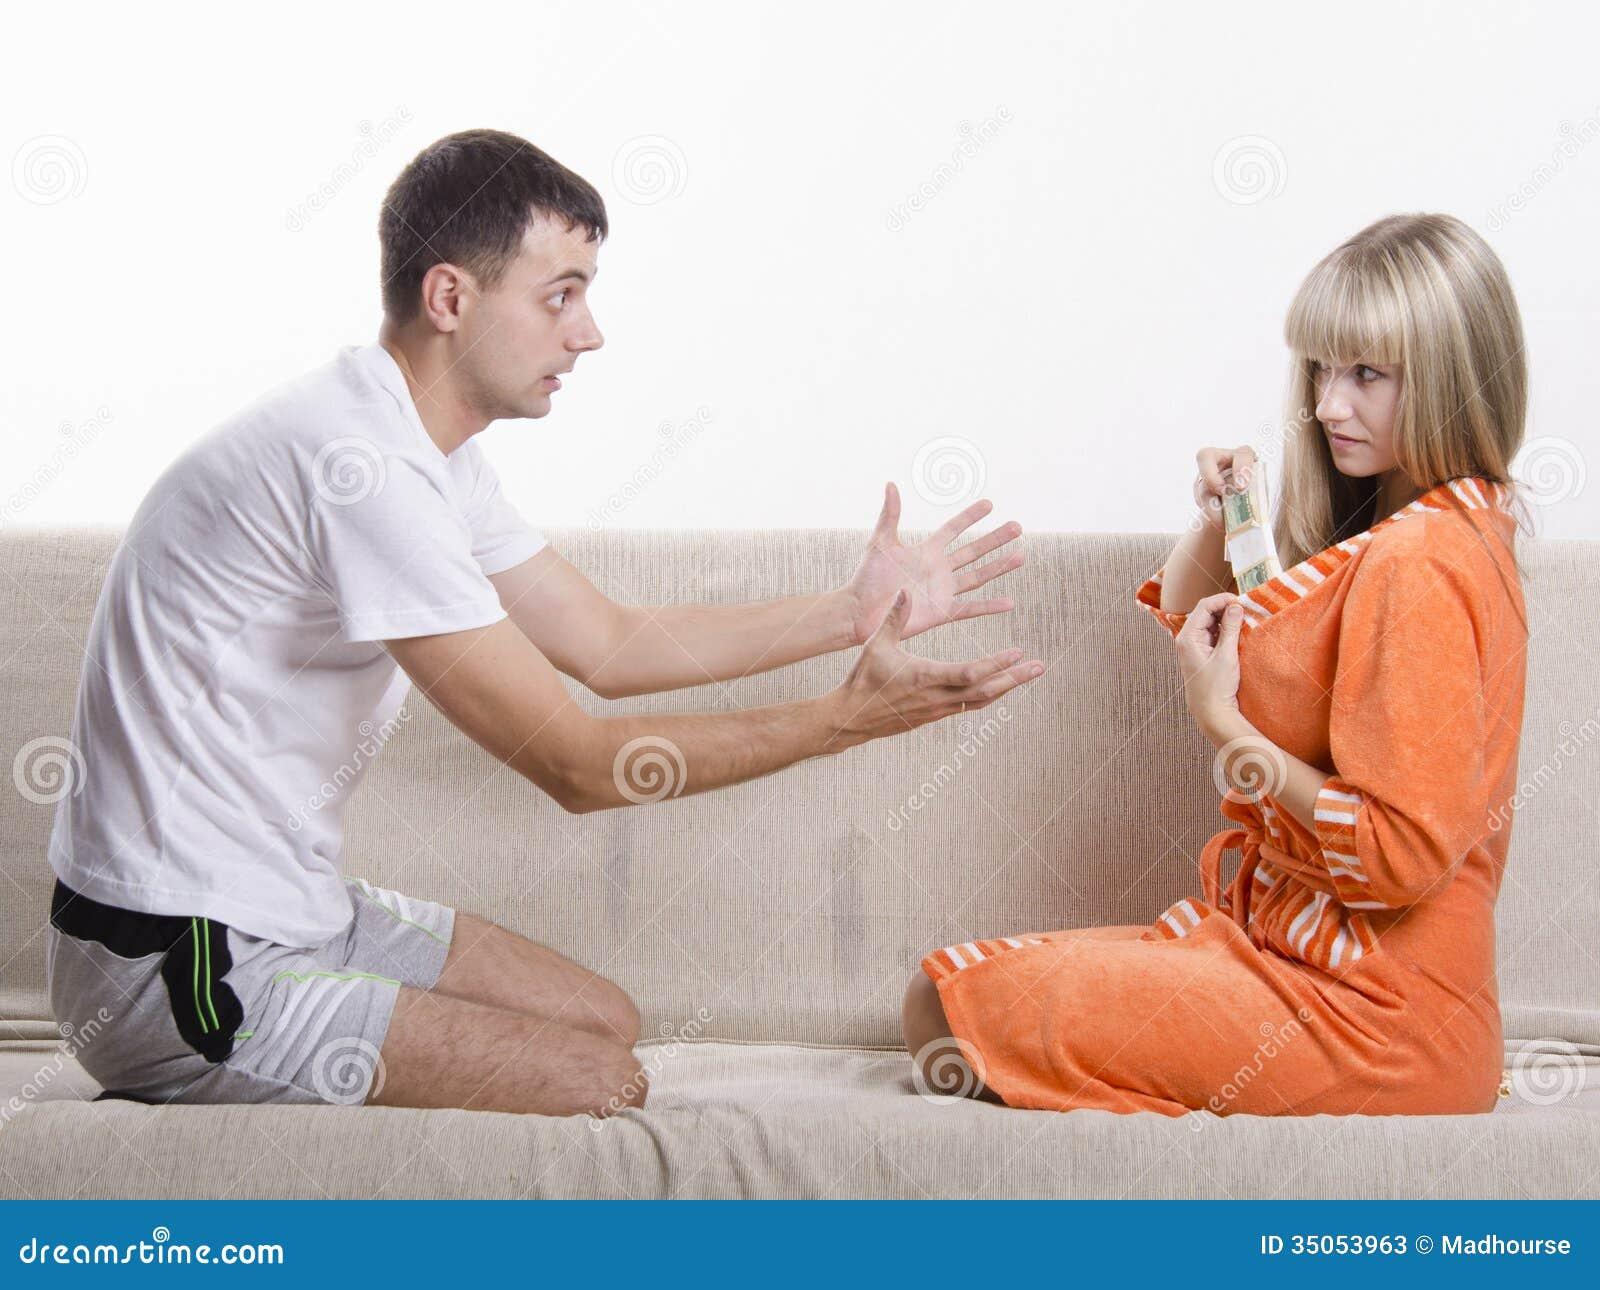 Фото парень с девушкой сидят на диване 11 фотография